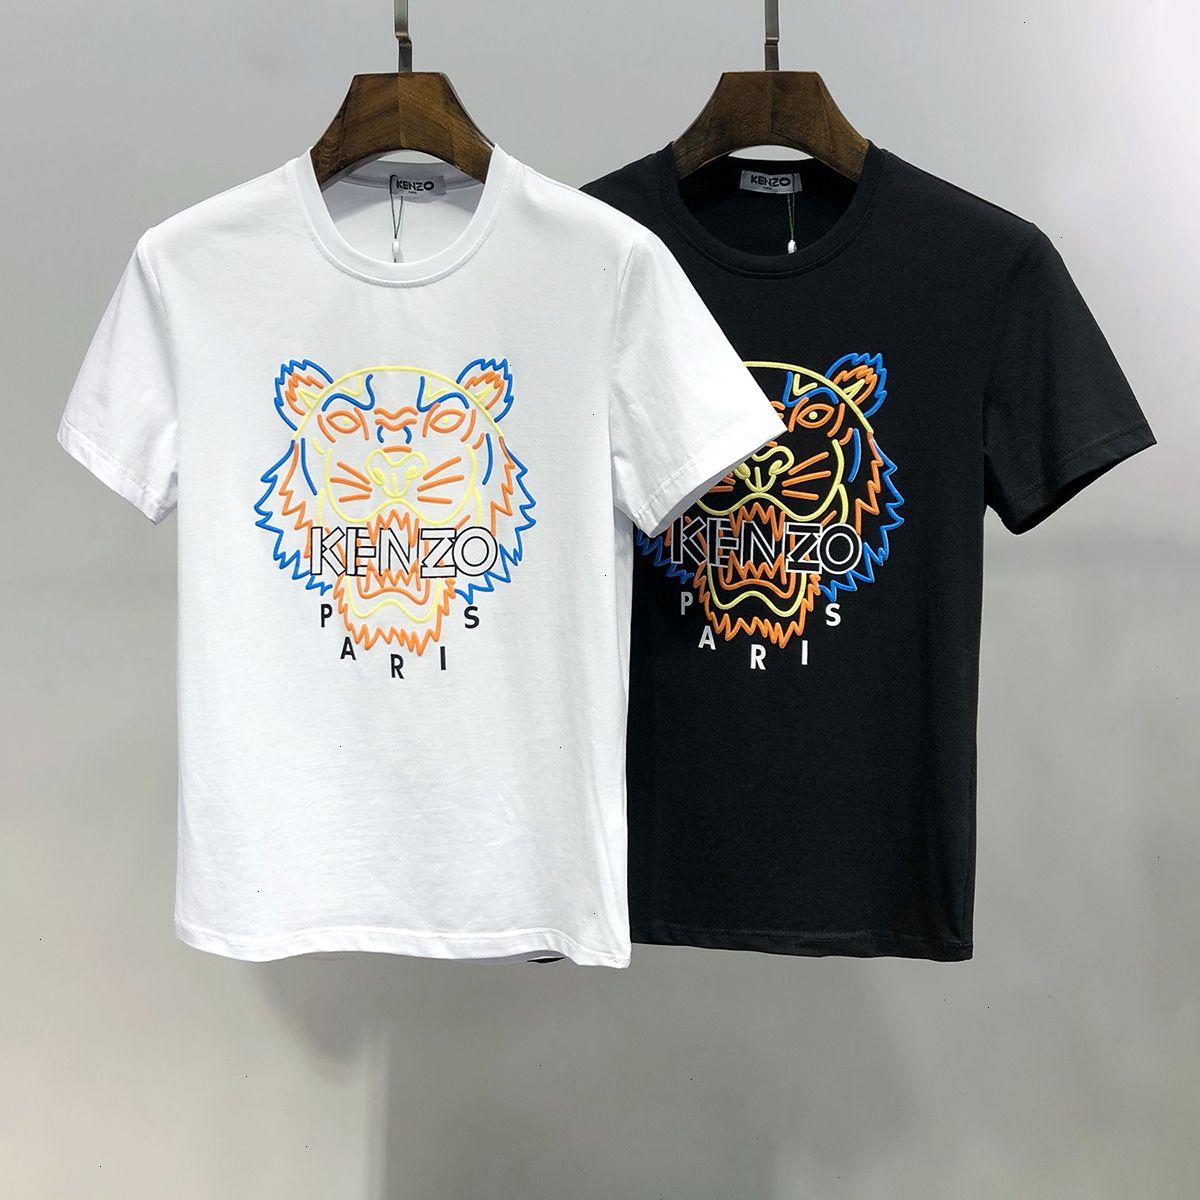 Herren T-Shirt Art und Weise beiläufige Tendenz der Größe M-3XL Komfortable atmungs WSJ042 # 111548lucky04